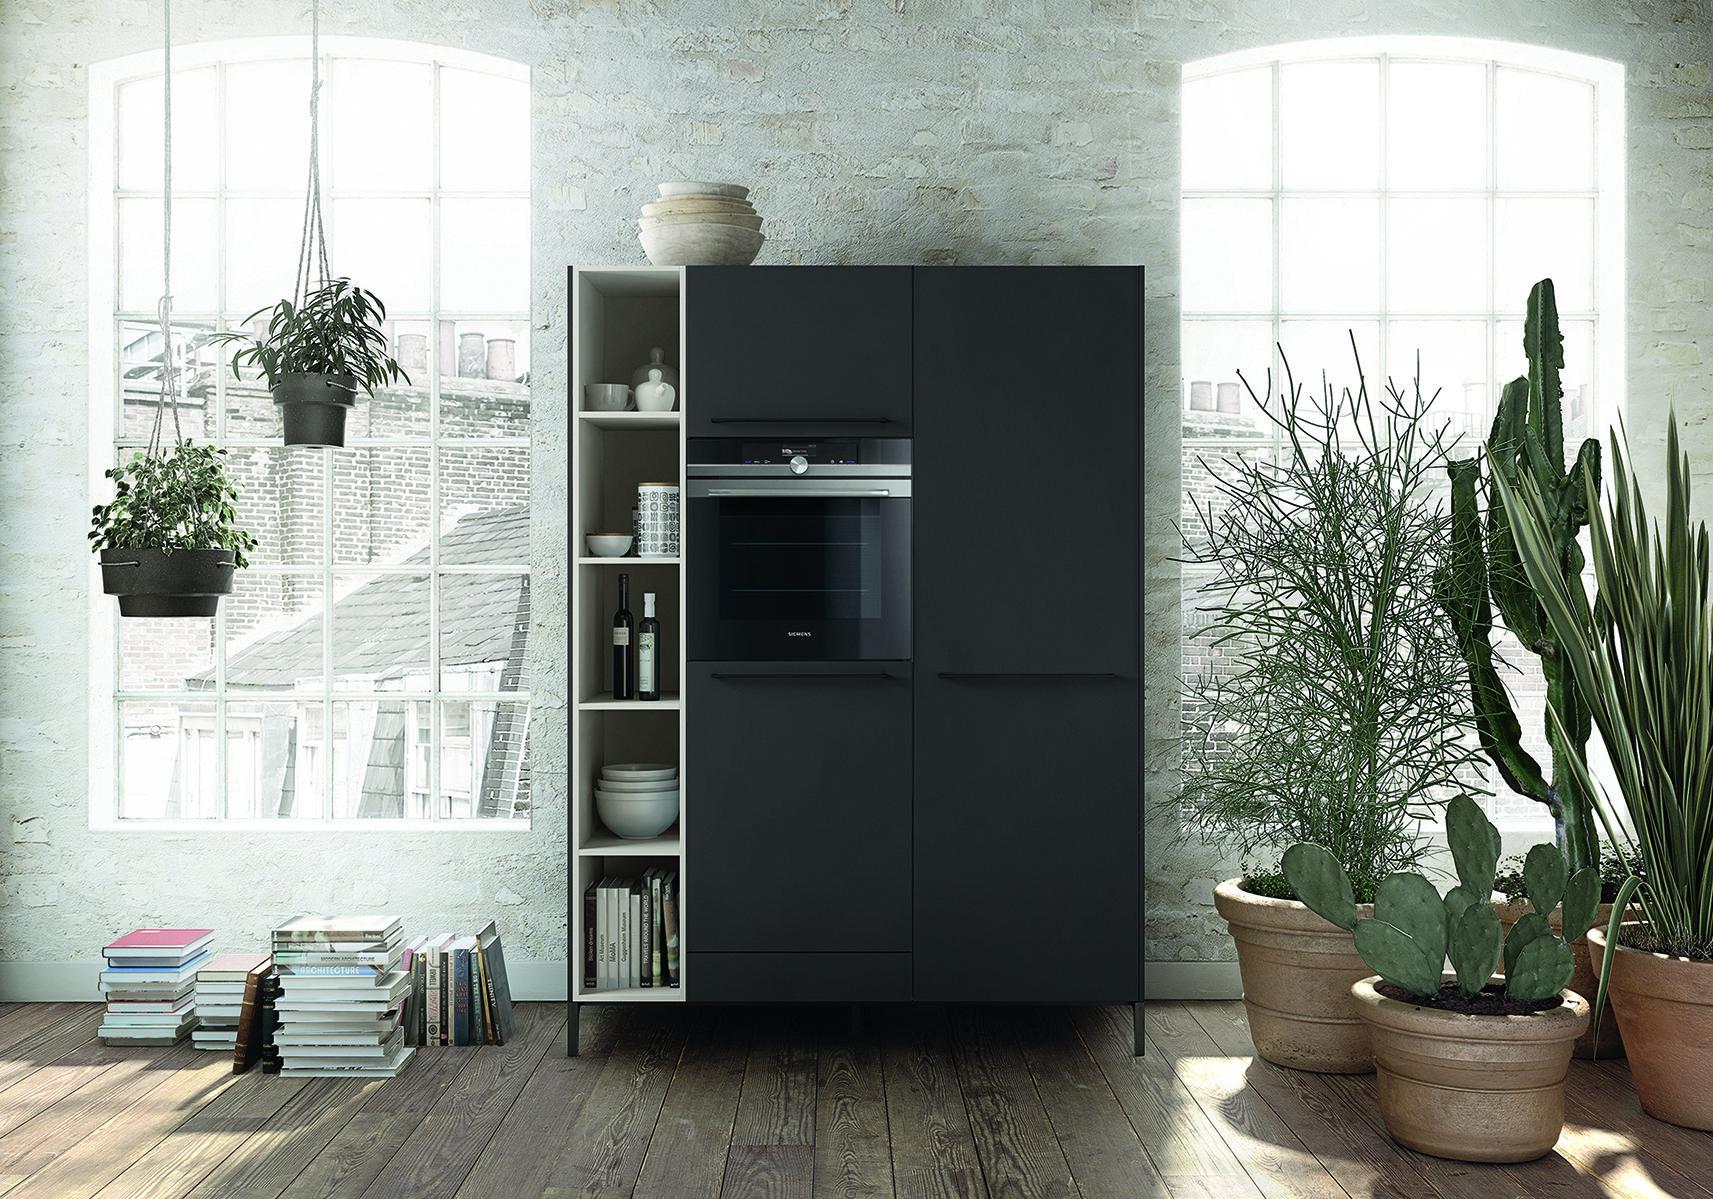 Siematic luxury kitchens inplace studio la jolla ca rangement ouvert tendance design conseil deco